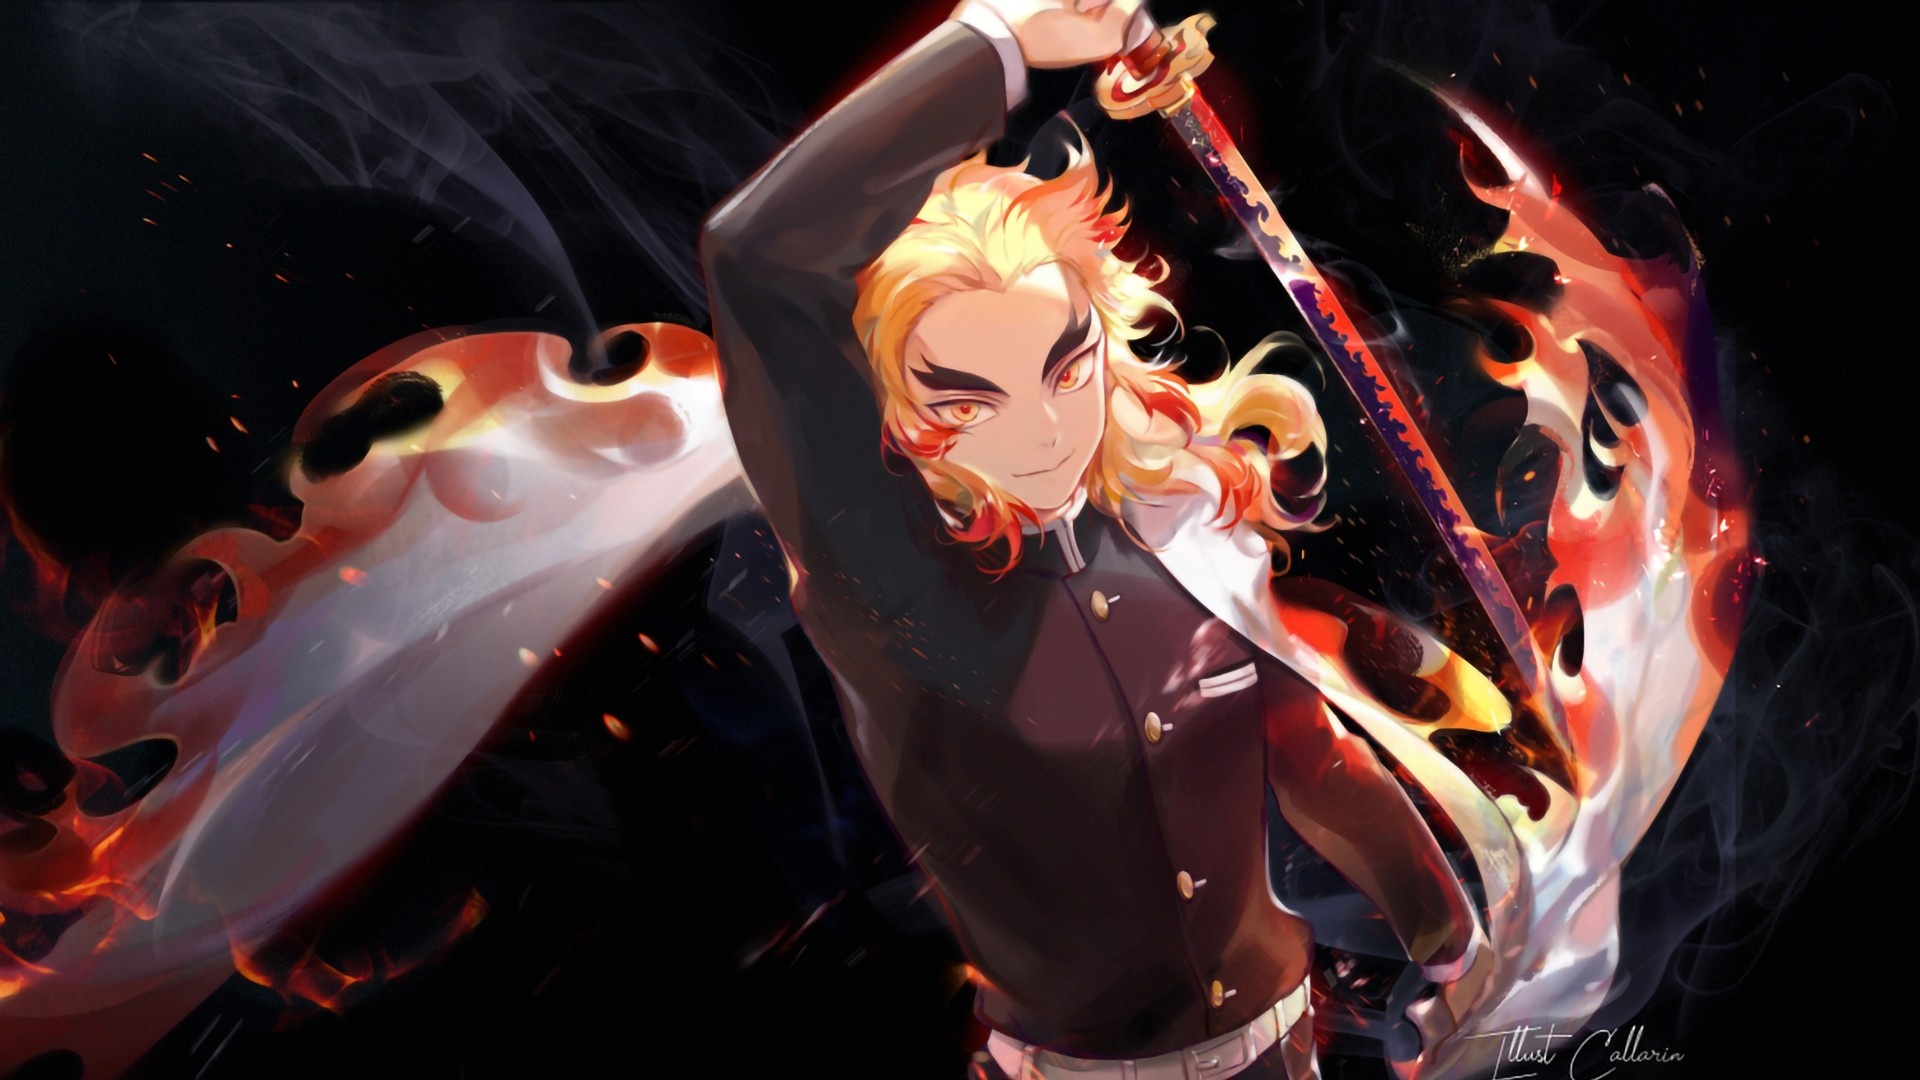 Demon Slayer best background